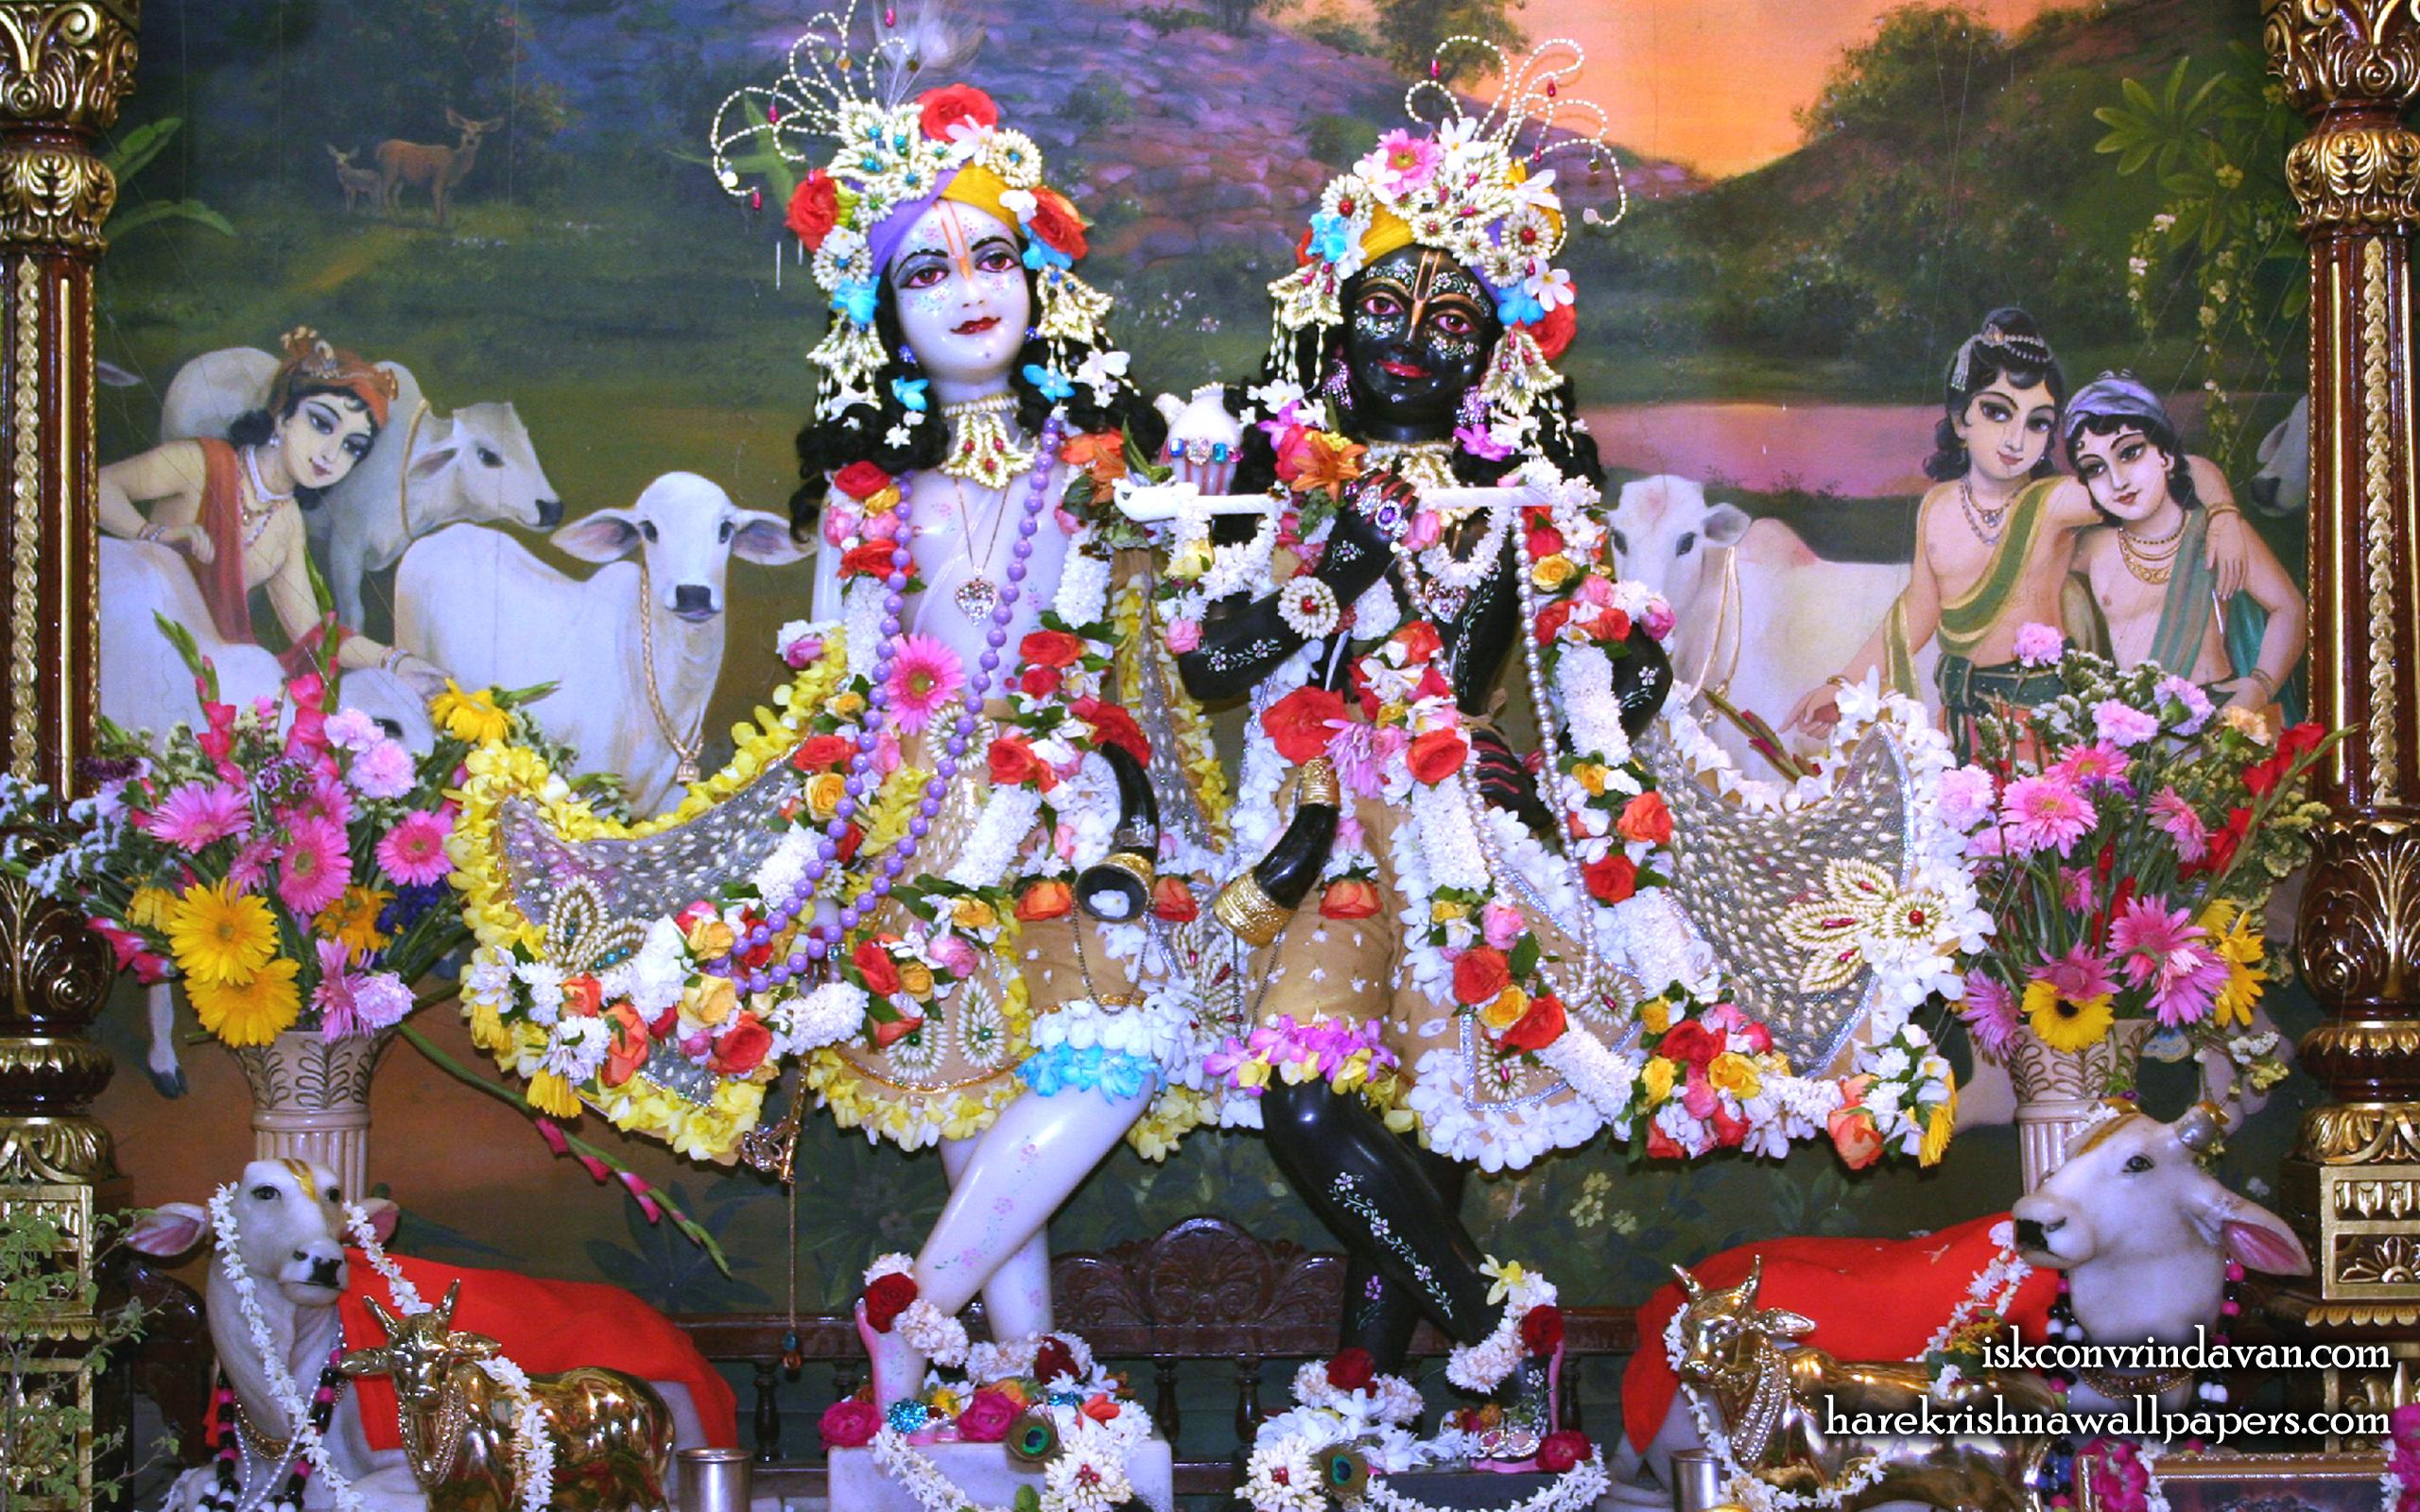 Sri Sri Krishna Balaram Wallpaper (109) Size 2560x1600 Download